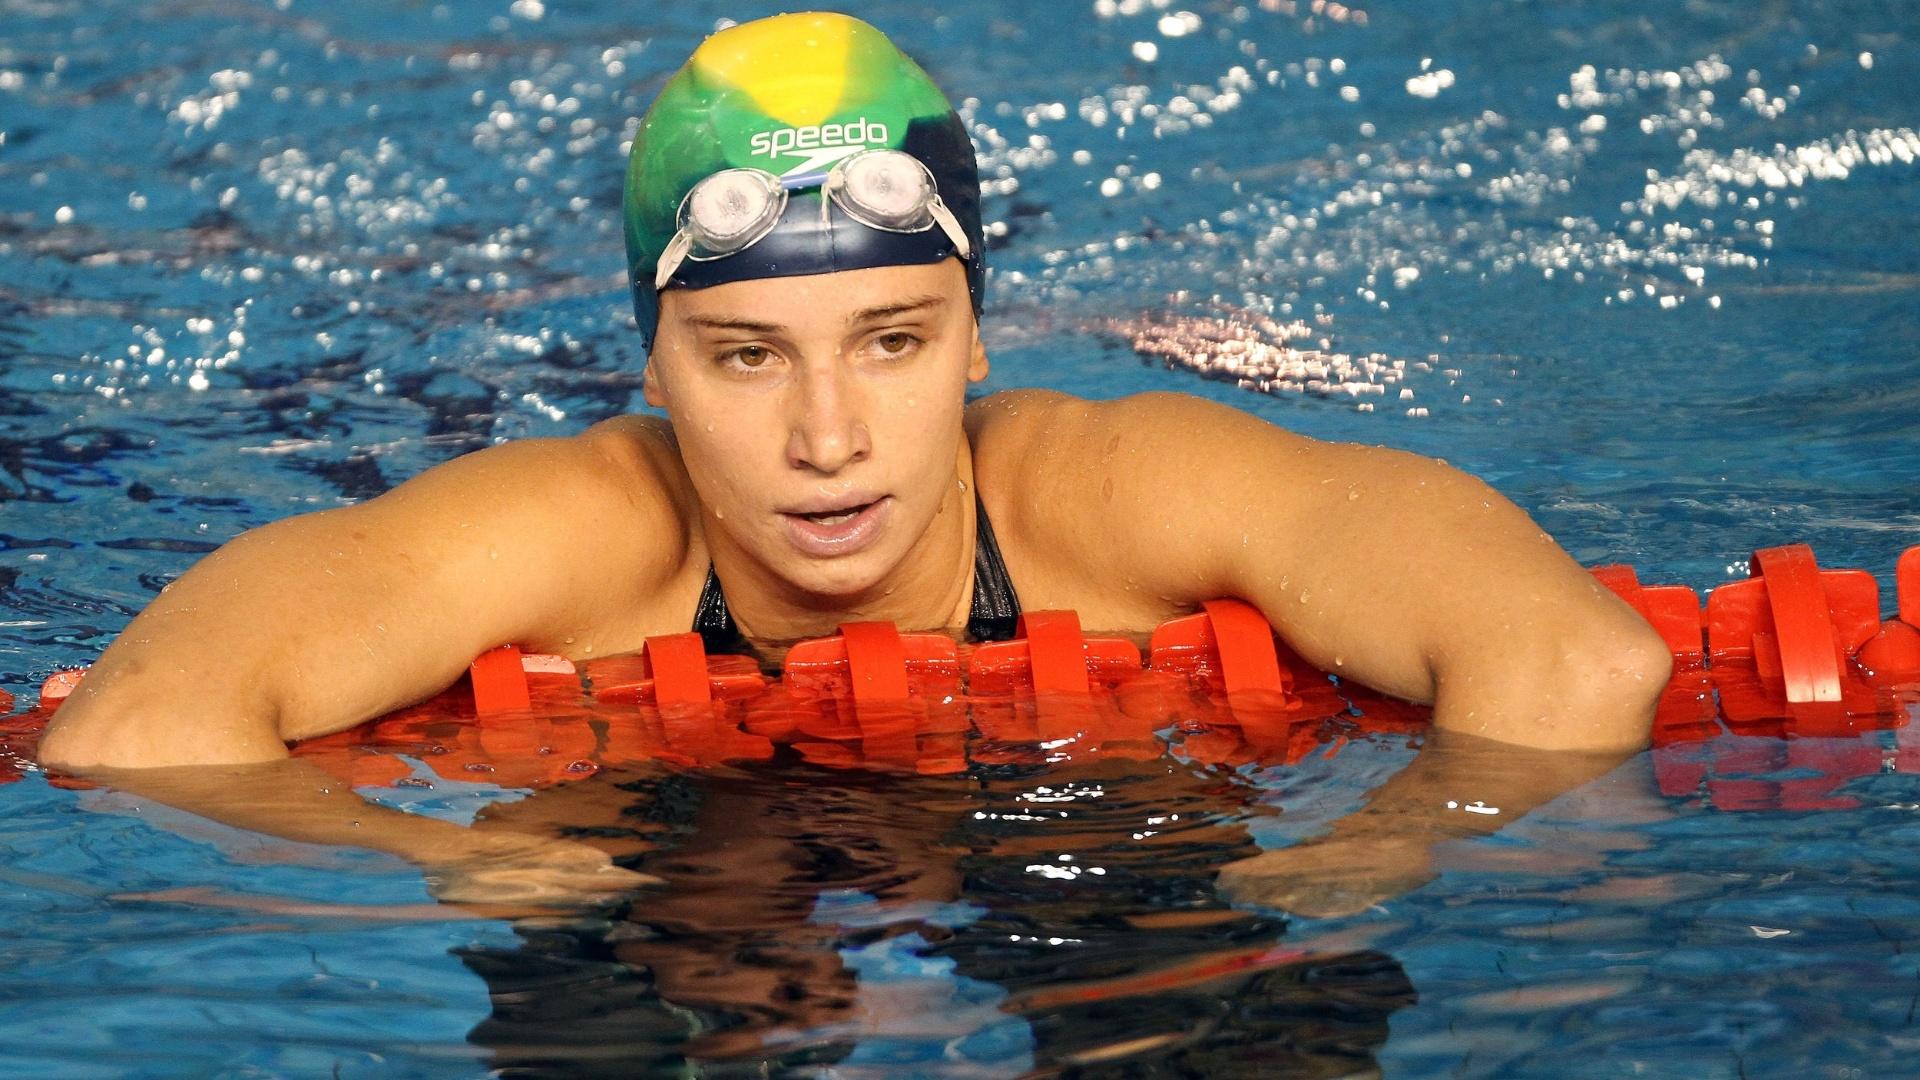 Nos 200 m peito, Thamy Ventorini não conseguiu a classificação para a final (20/10/2011)